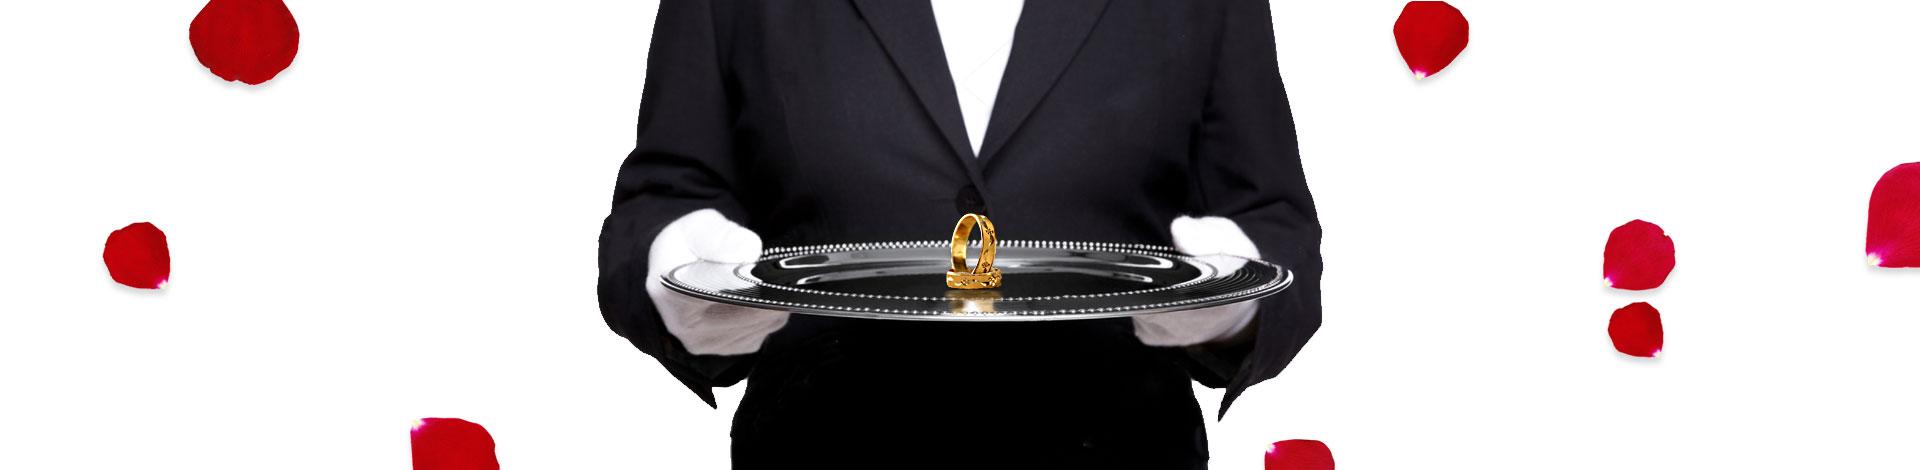 Luxe sieraden & diamanten | Gratis persoonlijk advies ✔ Zazare Diamonds